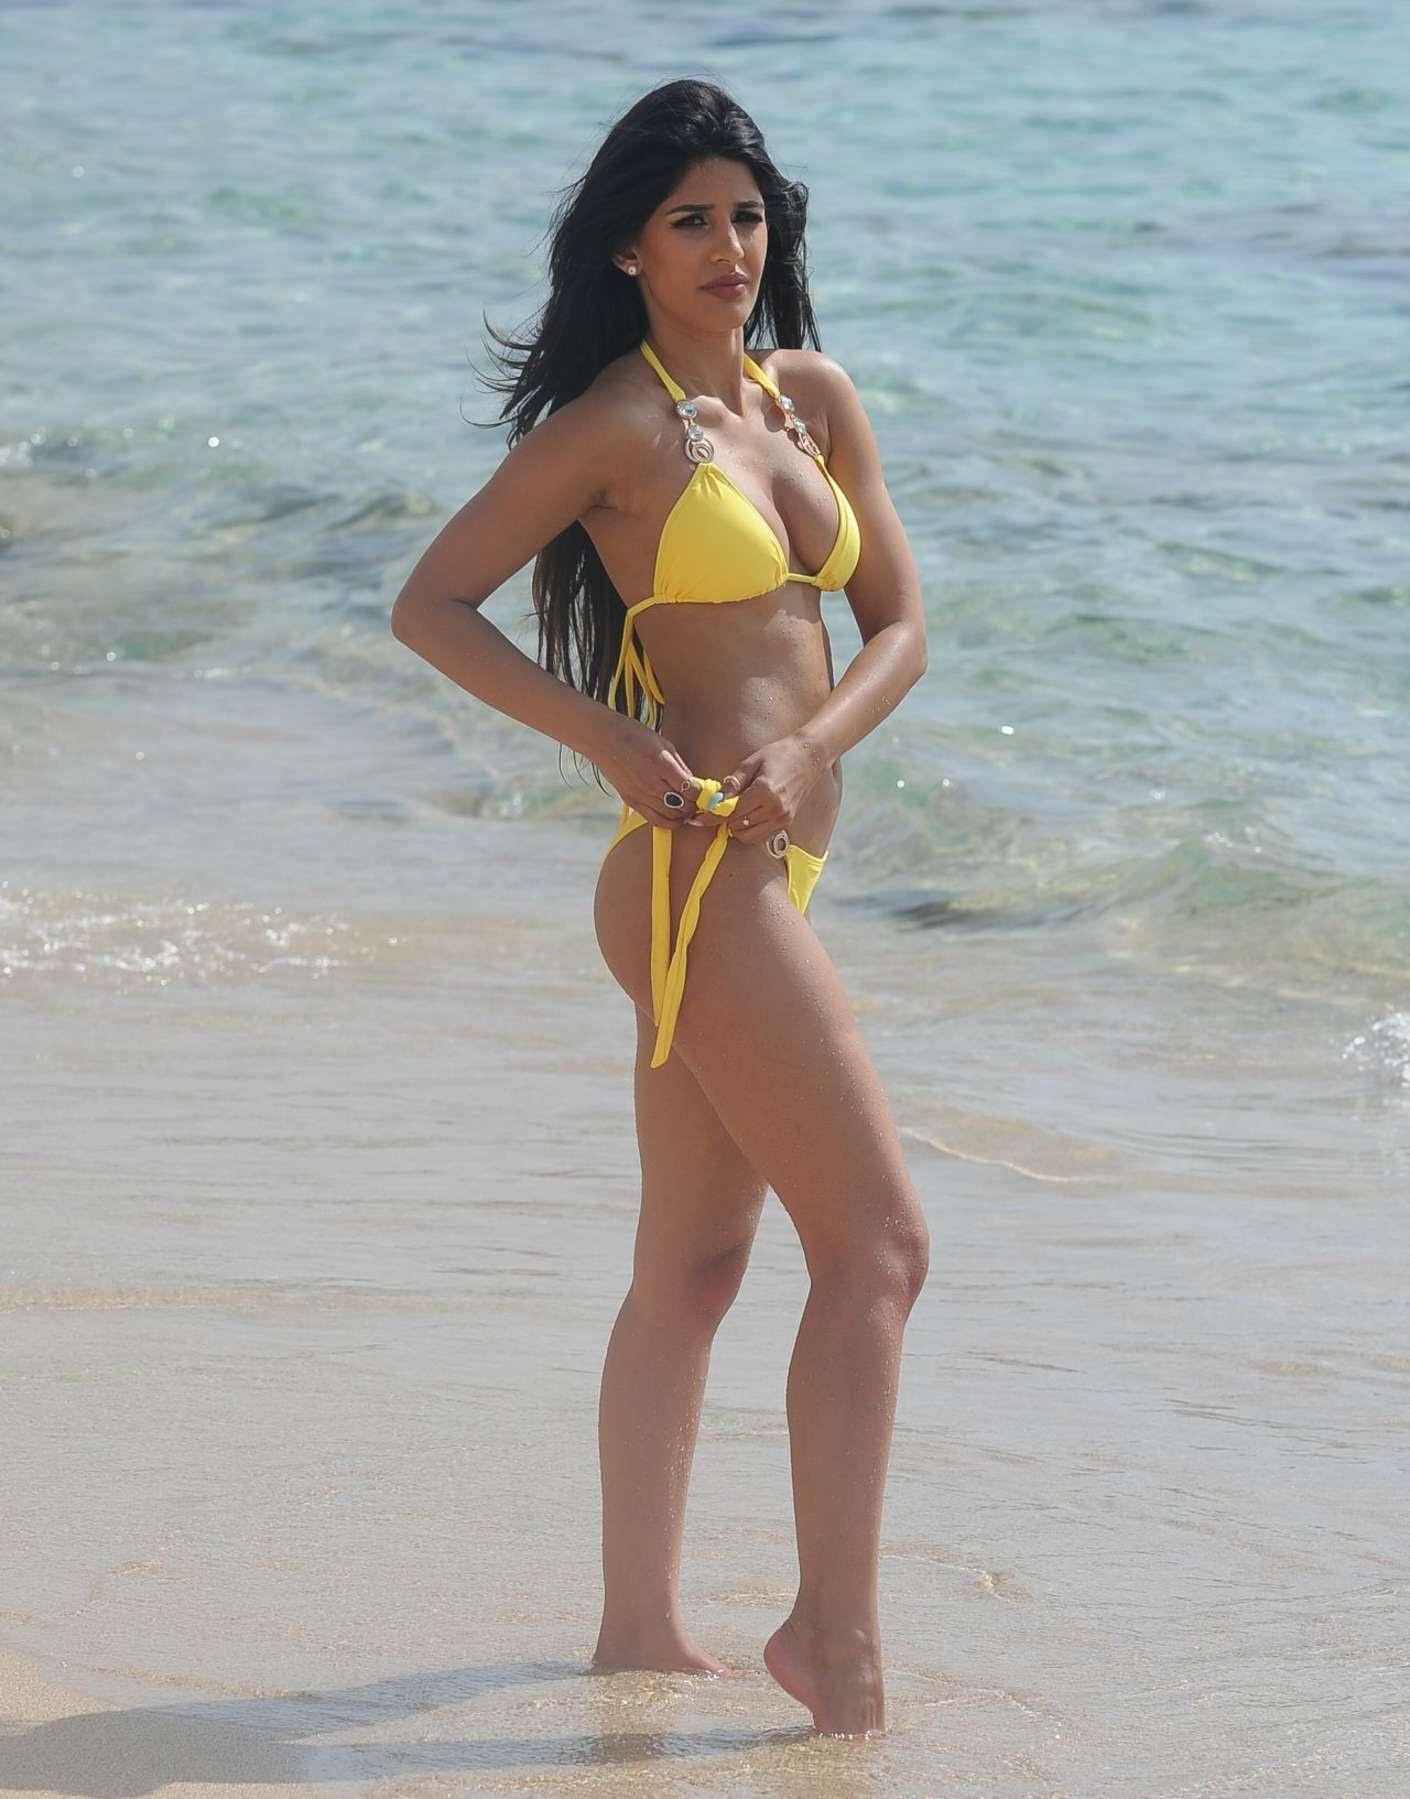 Jasmin Walia – Shows of hot bikini body in Yellow Bikini on Beach in Ibiza